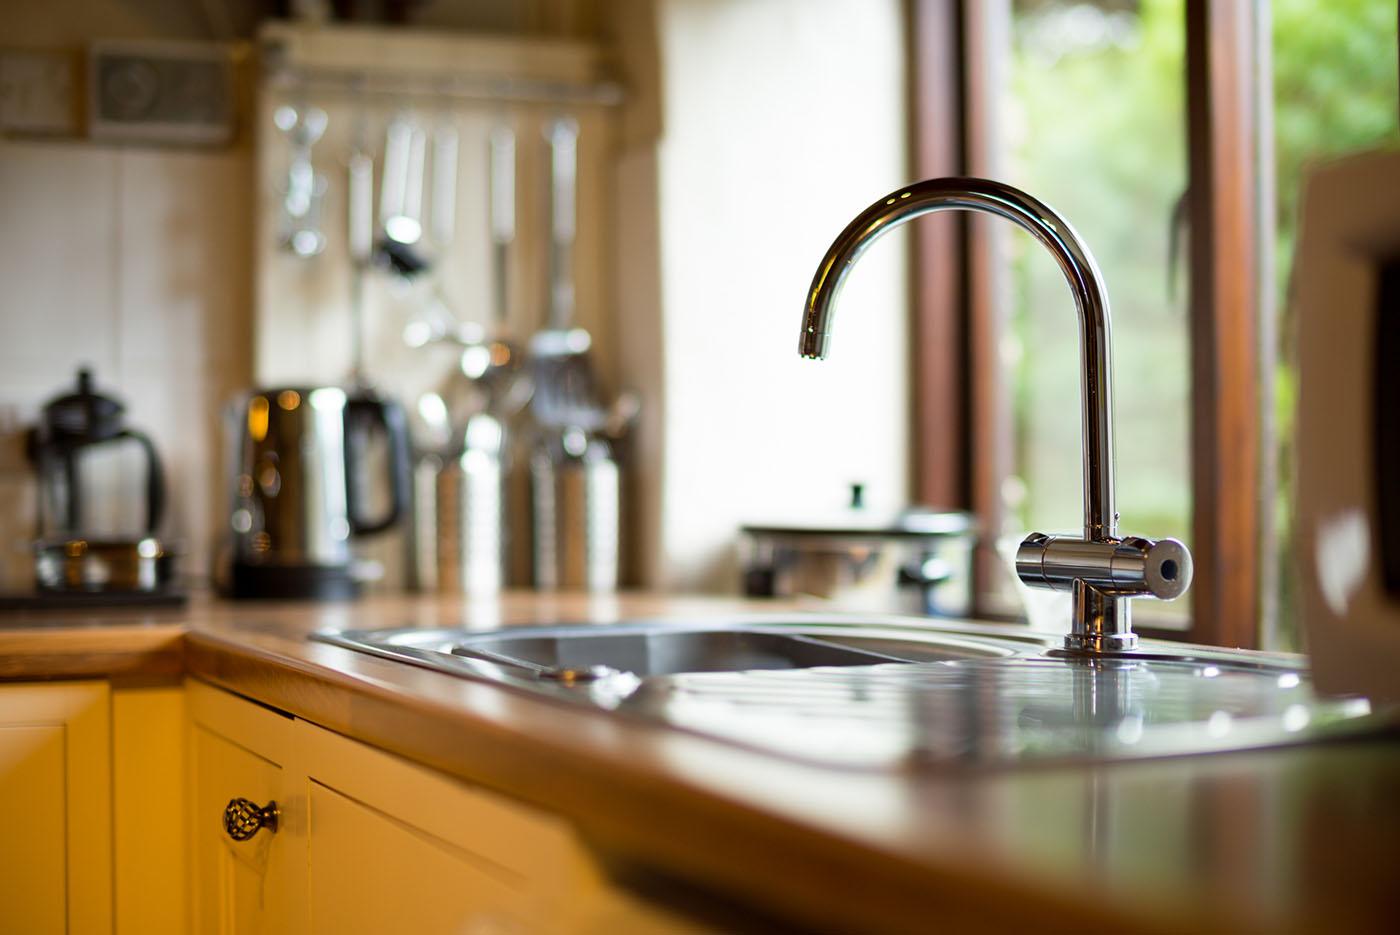 Mill wheel kitchen sink